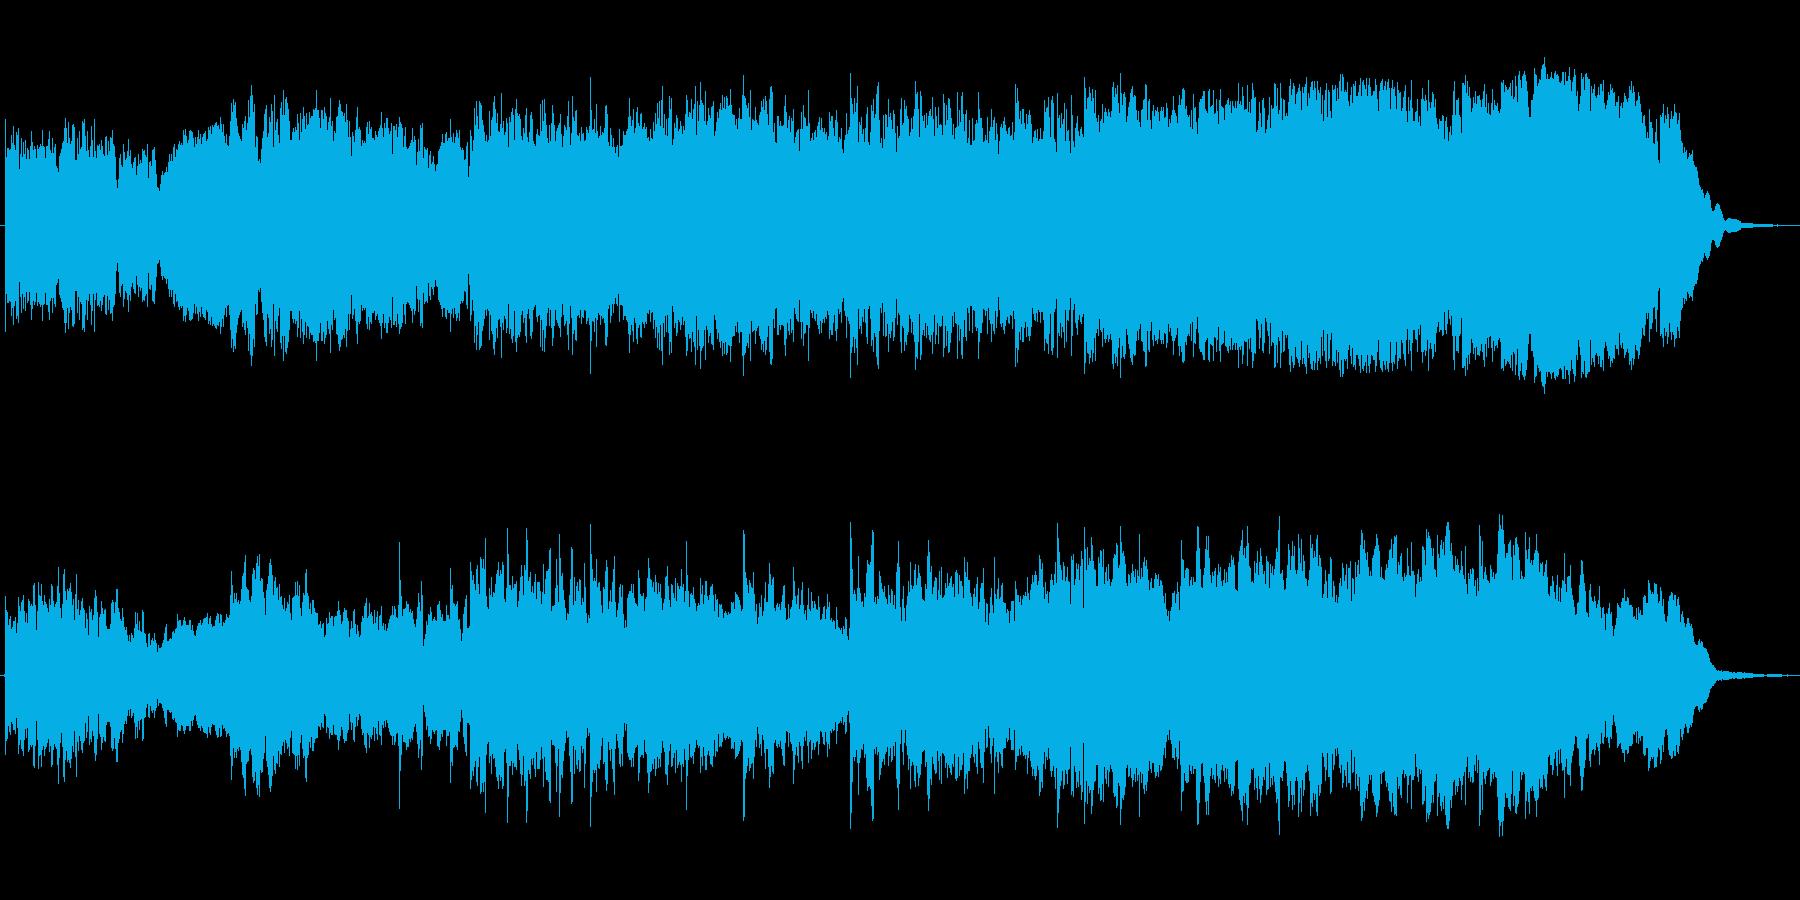 「寒凪」をイメージしたゆっくりな曲の再生済みの波形